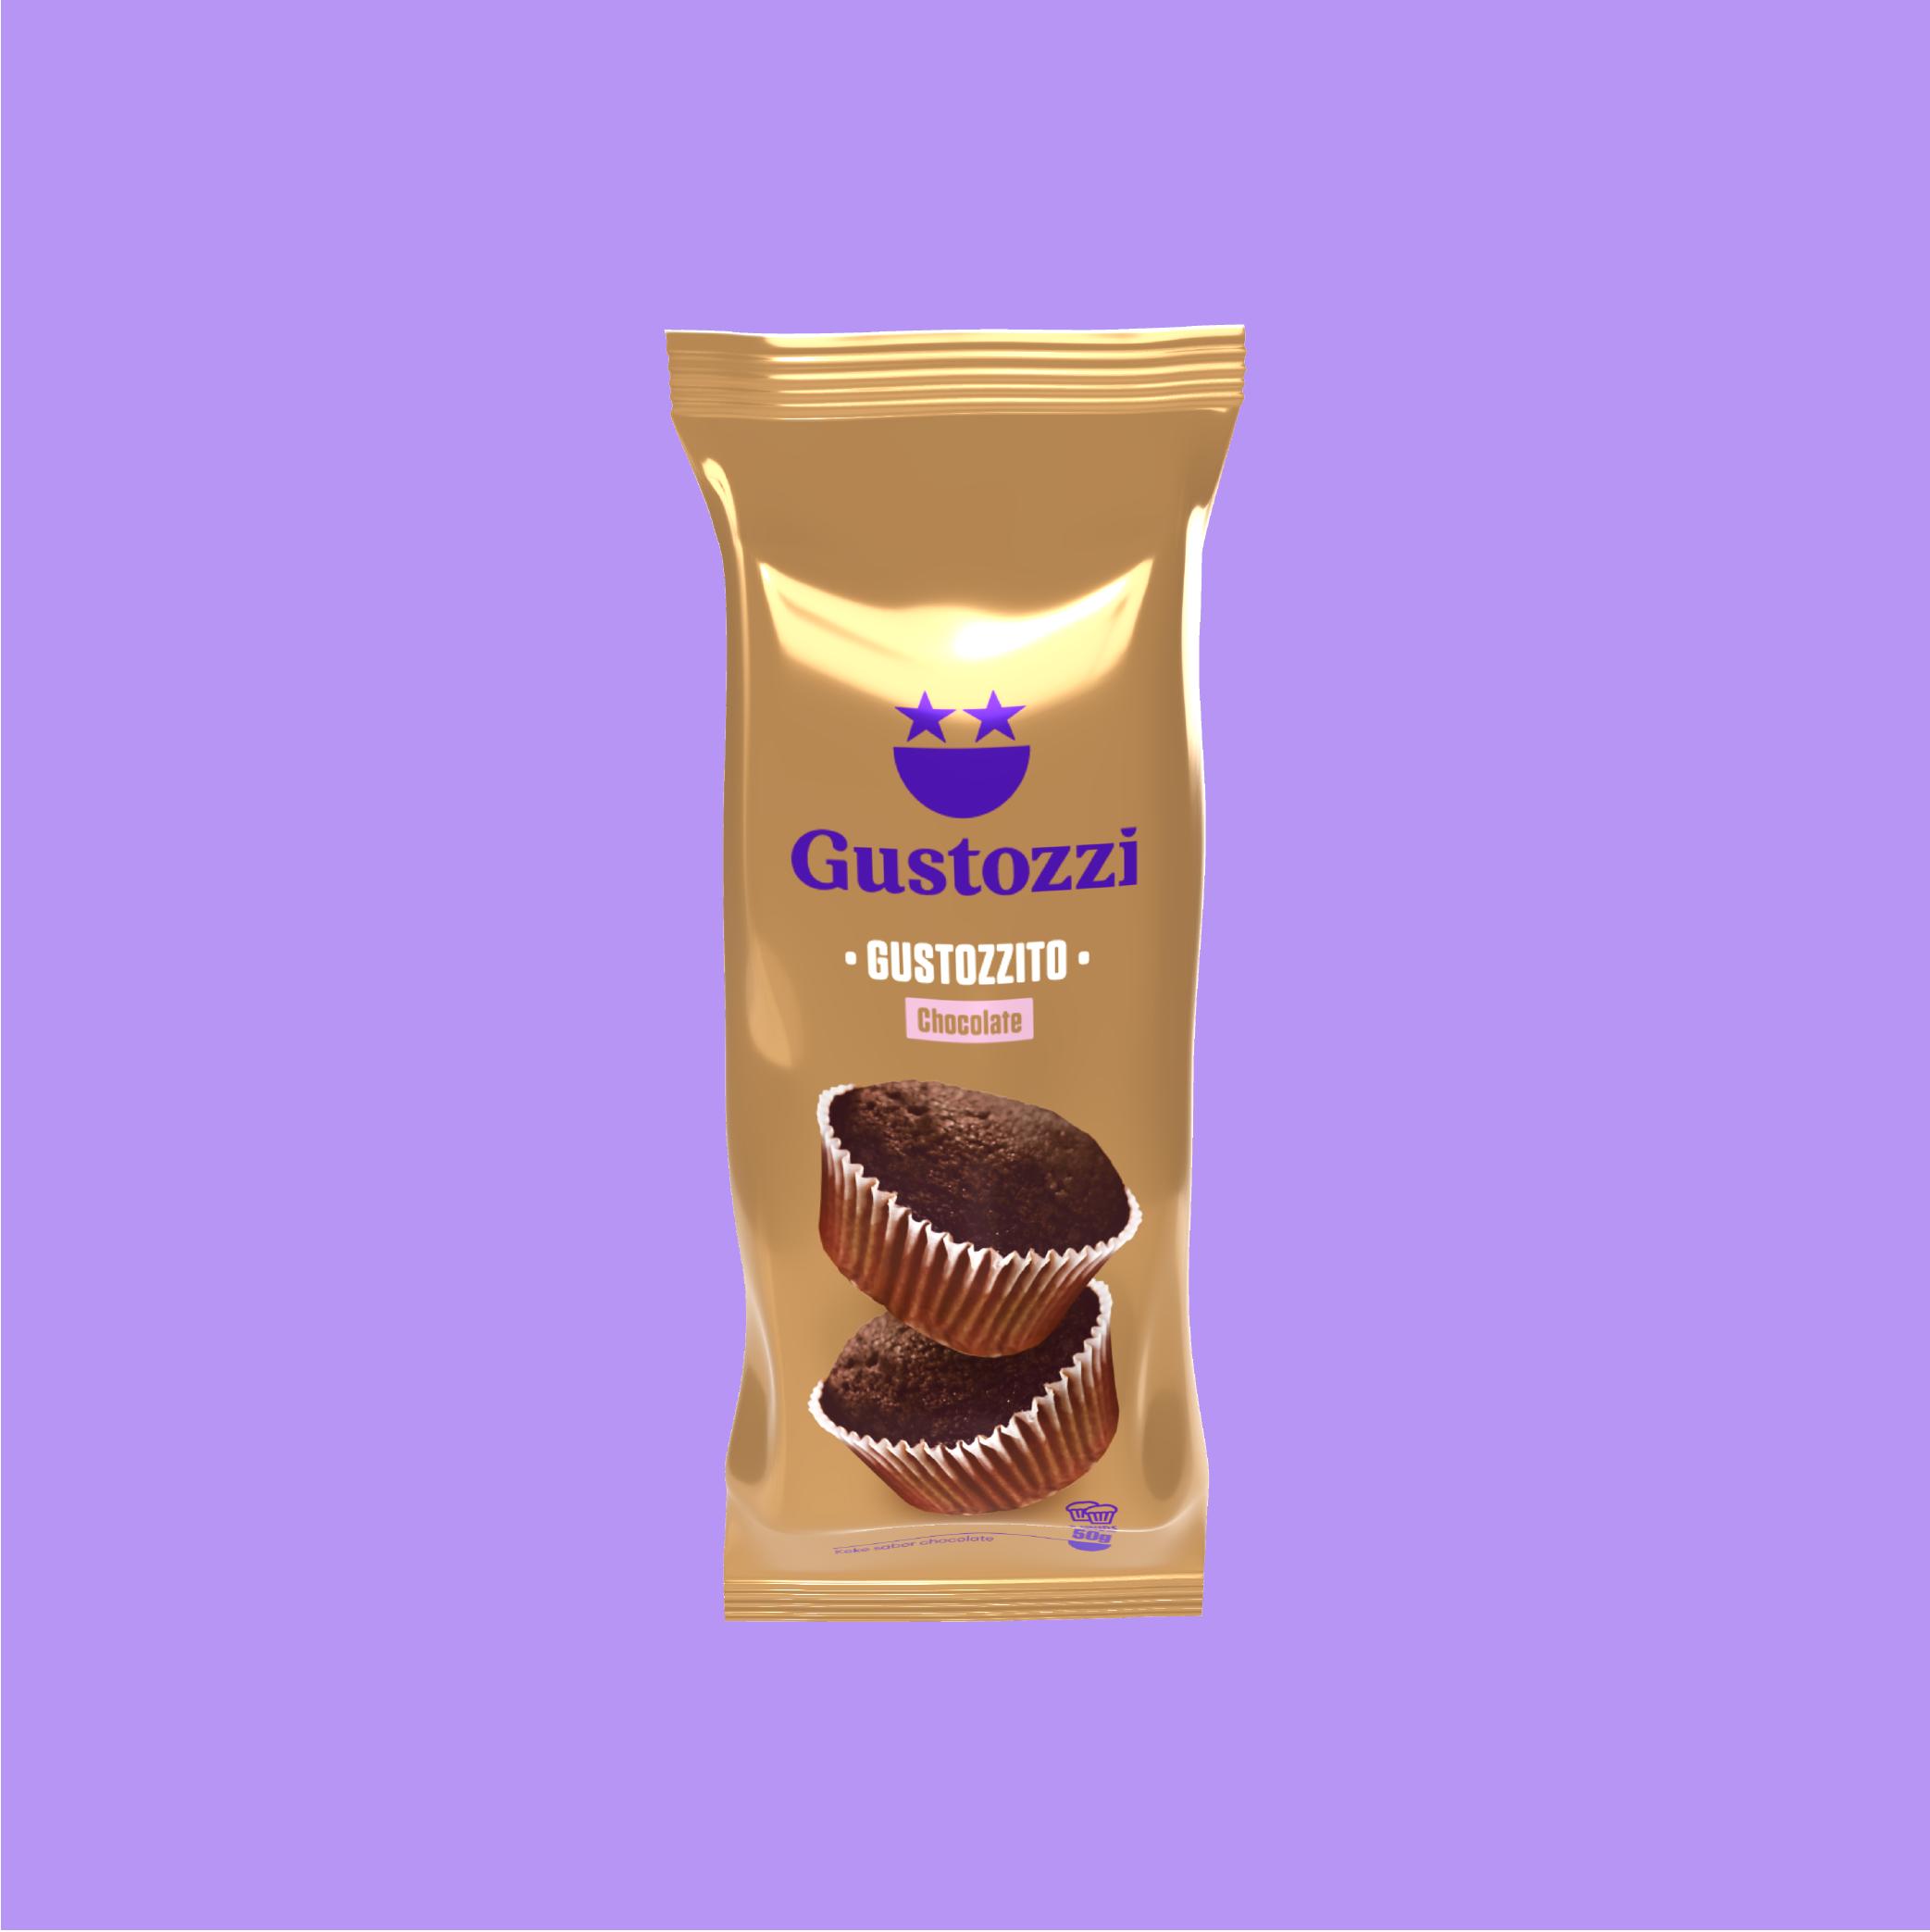 Disfruta 2 kekitos consabor a chocolate, hechos como en casa. No contiene octógonos.